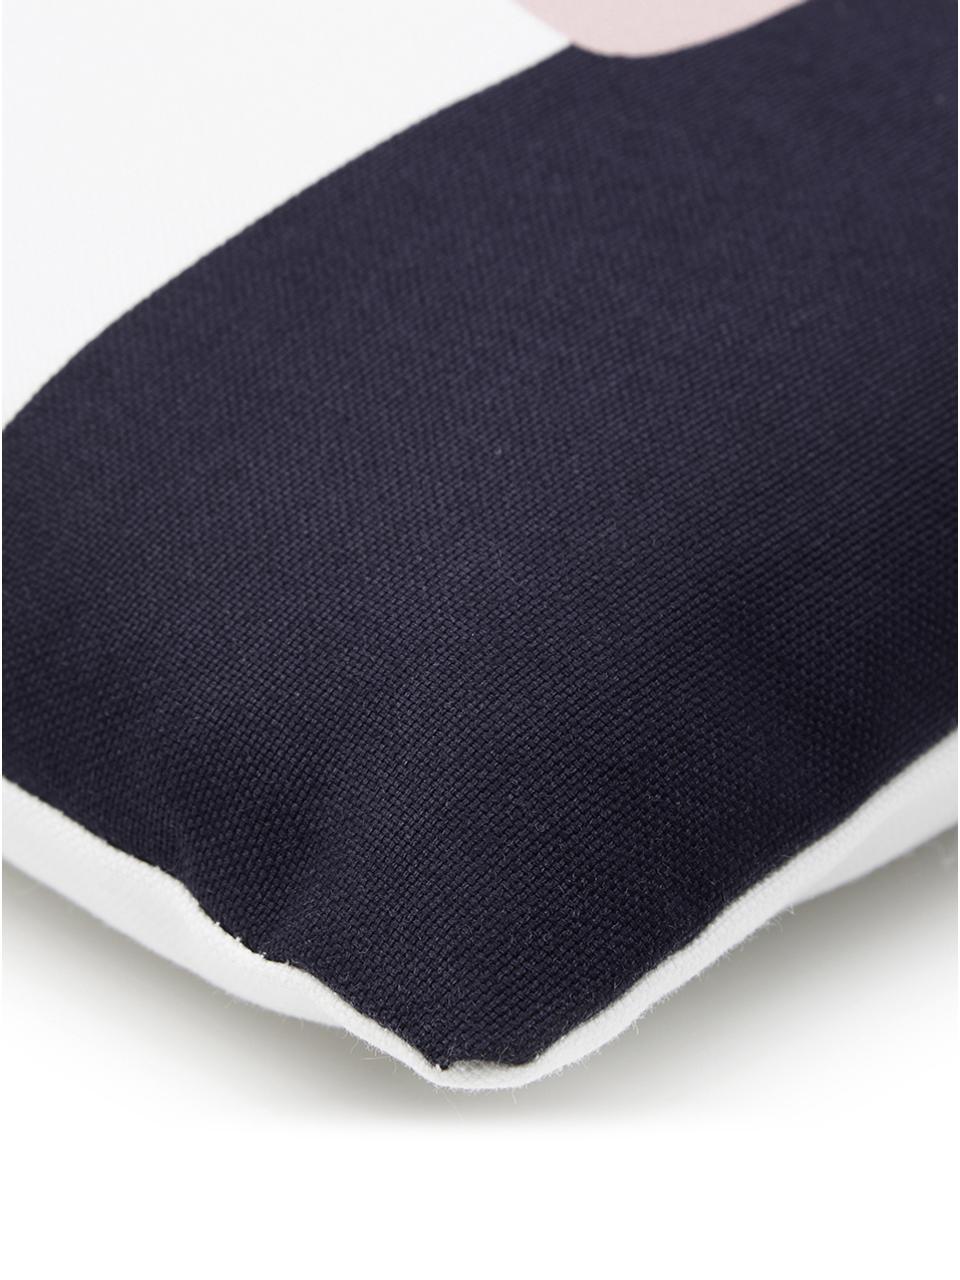 Kissenhülle Line mit geometrischen Formen, Webart: Panama, Weiß, Mehrfarbig, 40 x 40 cm